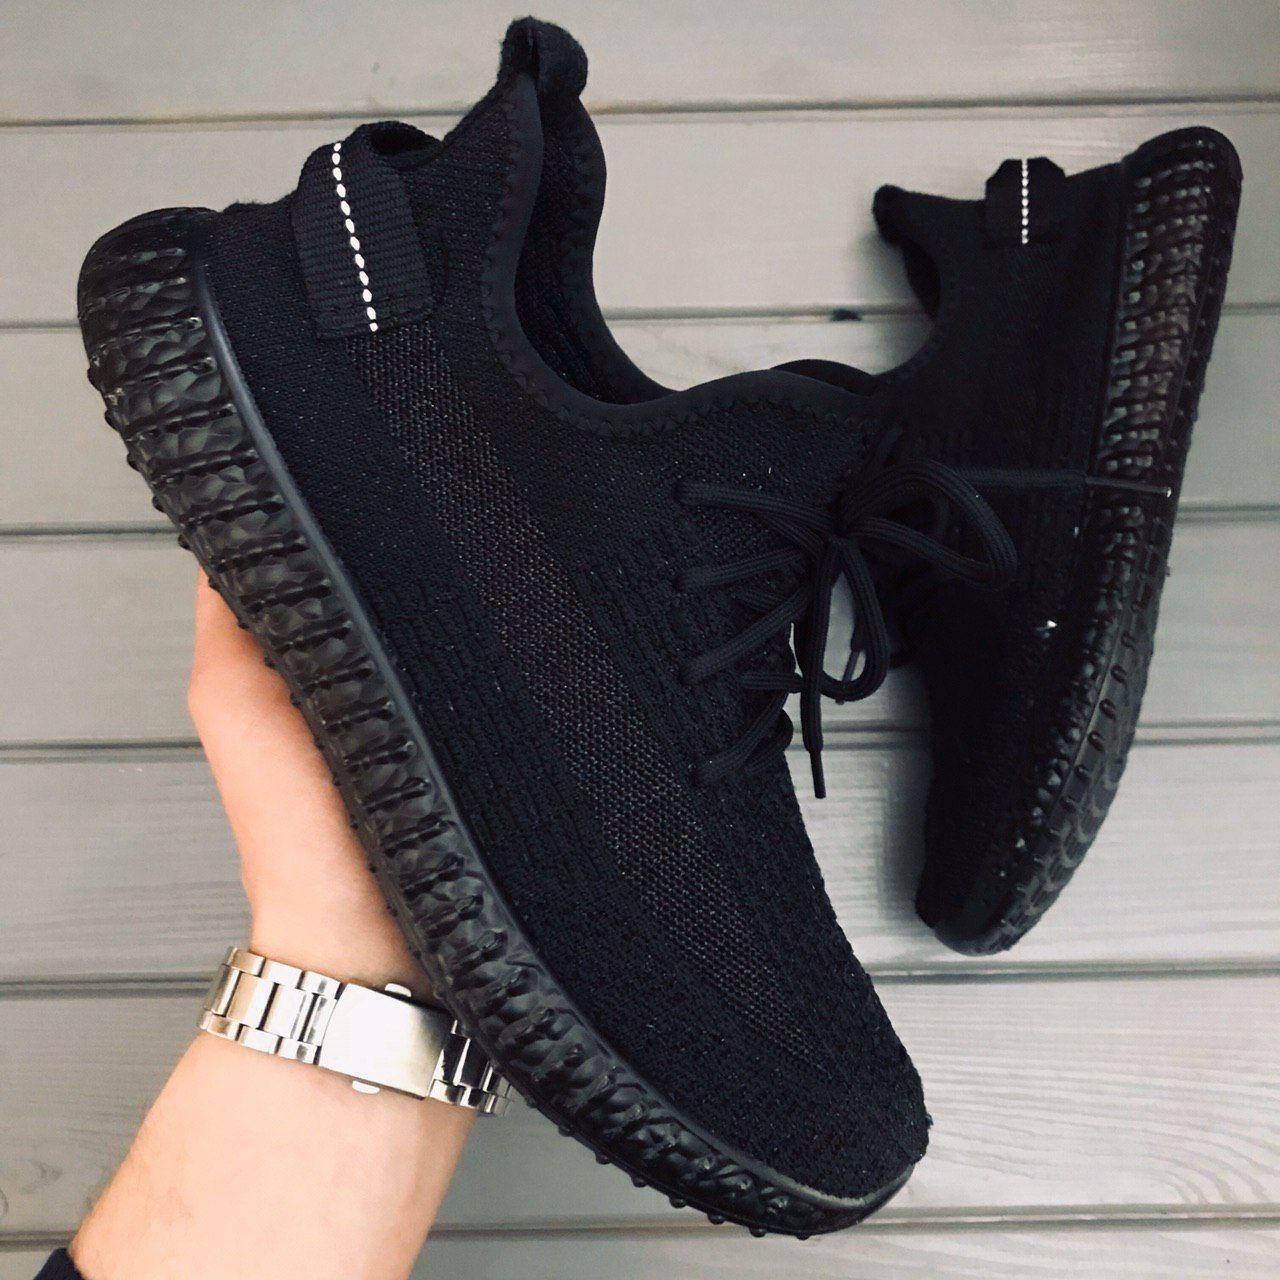 Мужские кроссовки Adidas Yeezy Boost 350 V2 Cinder Black  / Адидас Изи Буст 350 В2 Черные